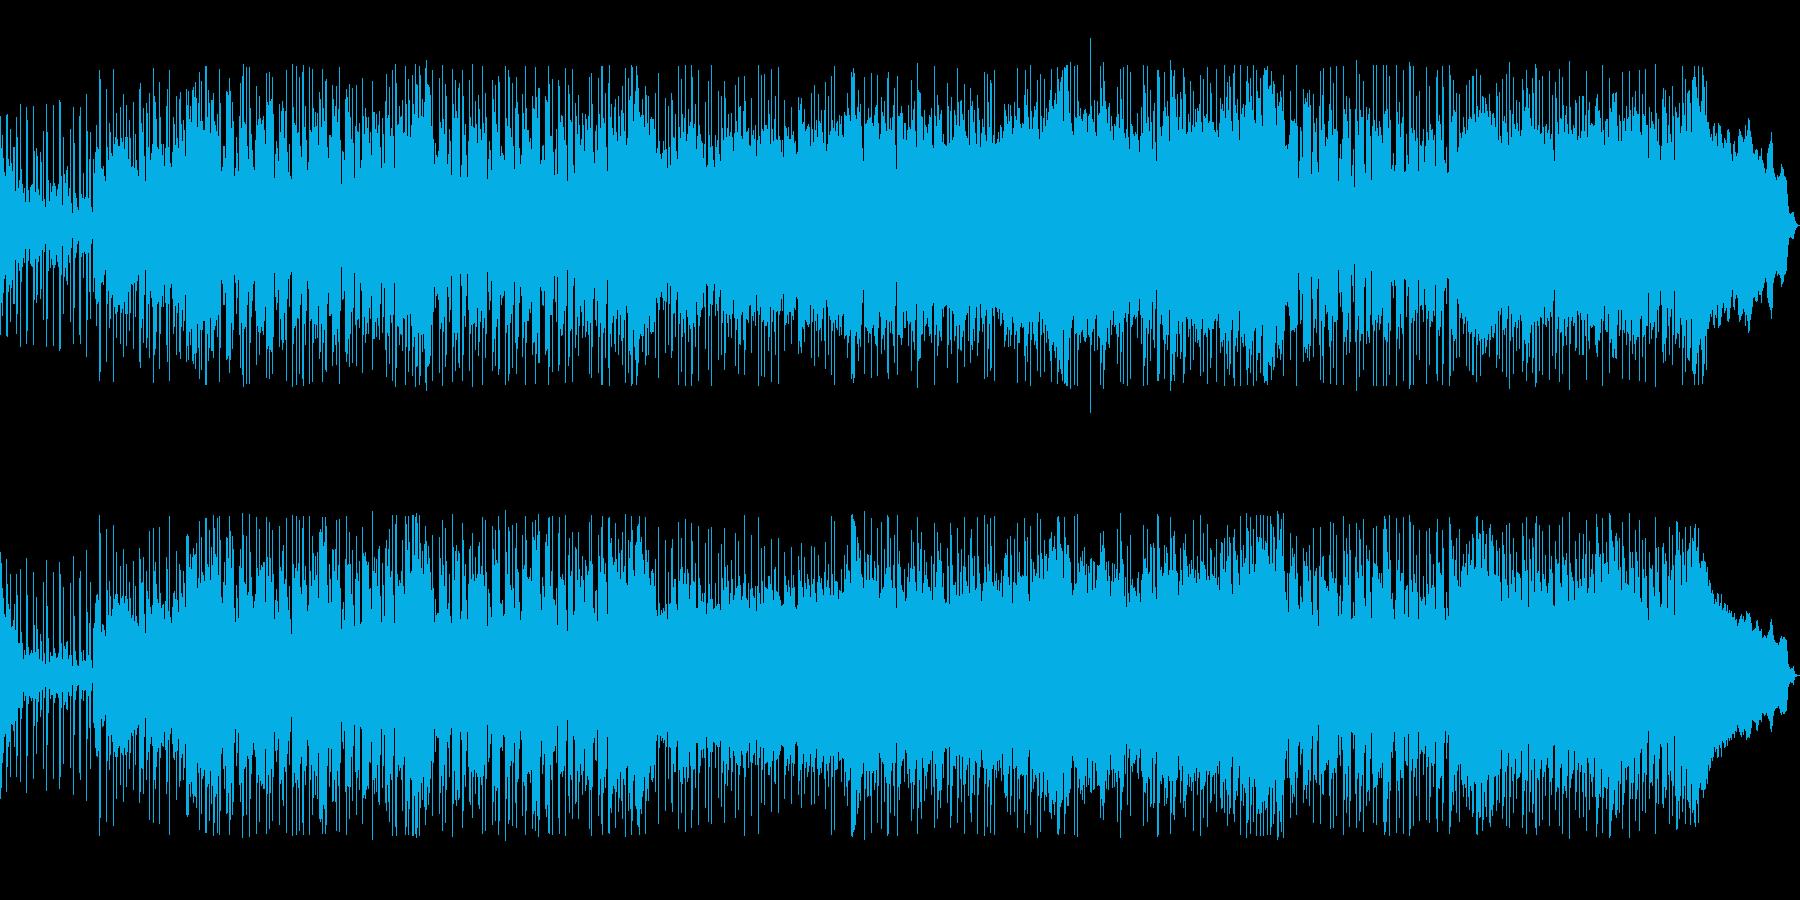 個性的なフレーズ、スピード感があるロックの再生済みの波形